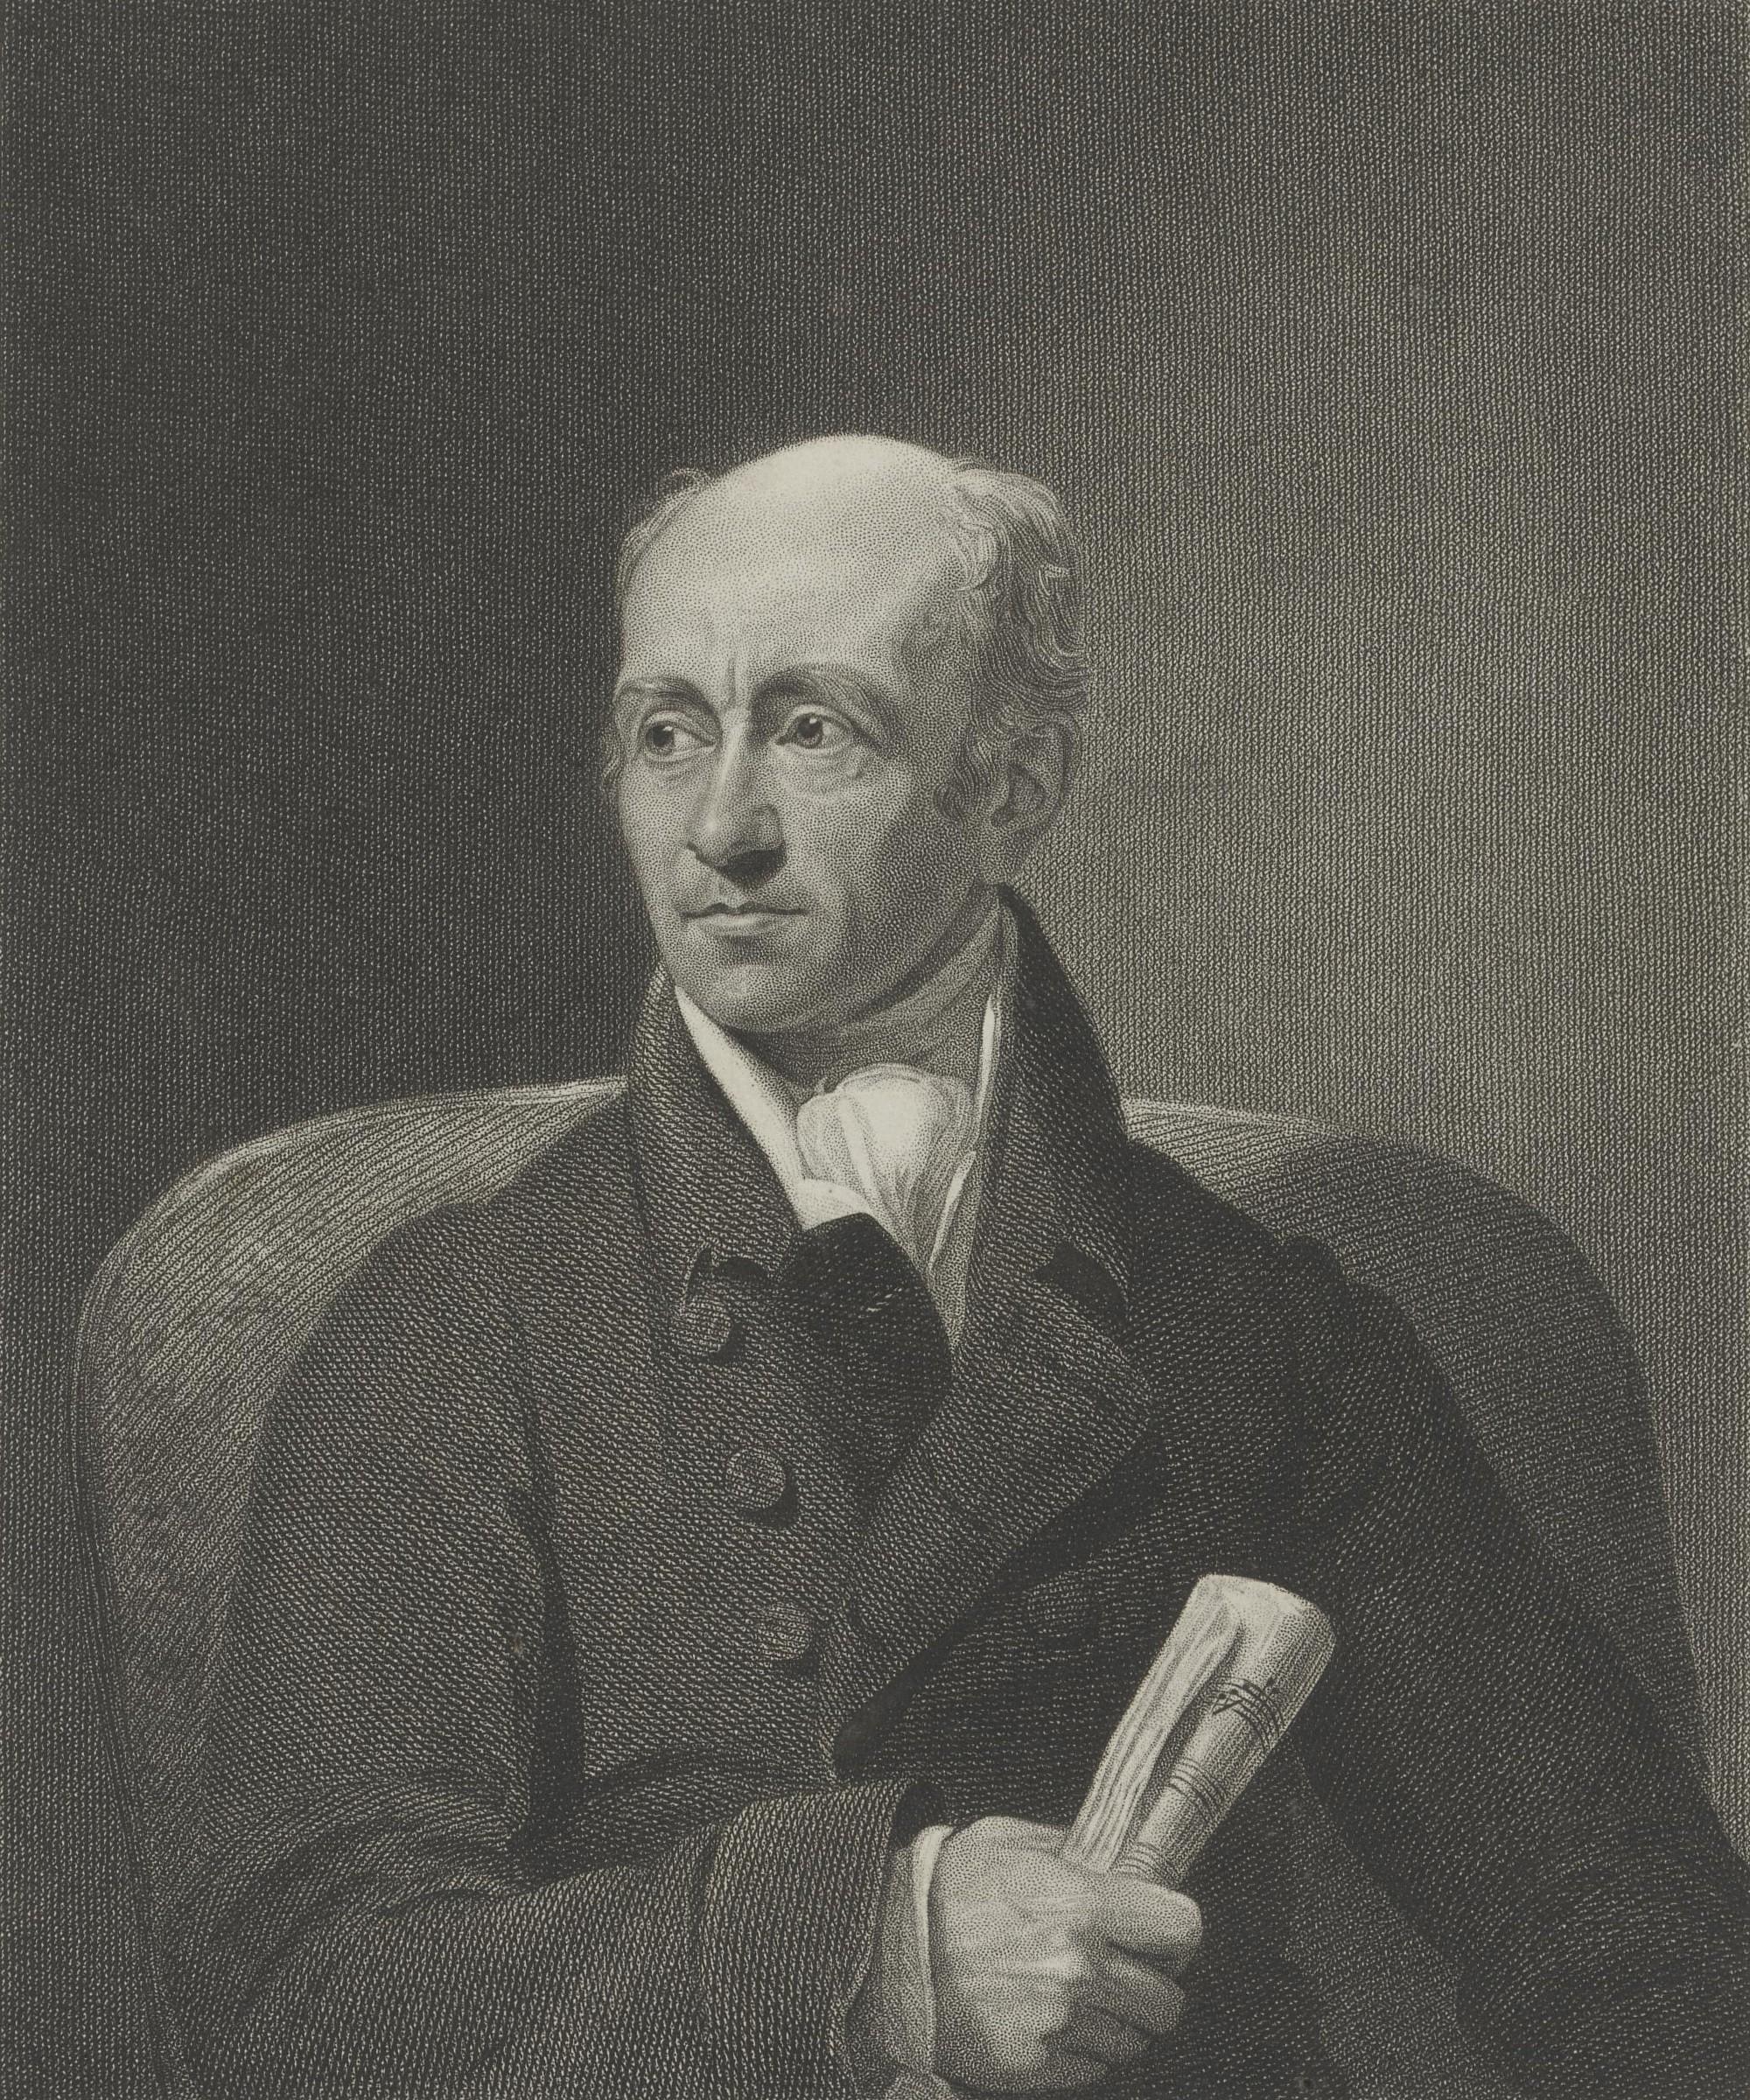 Muzio Clementi (1752 - 1832) ---------------- Sonatina Op. 36 n. 5